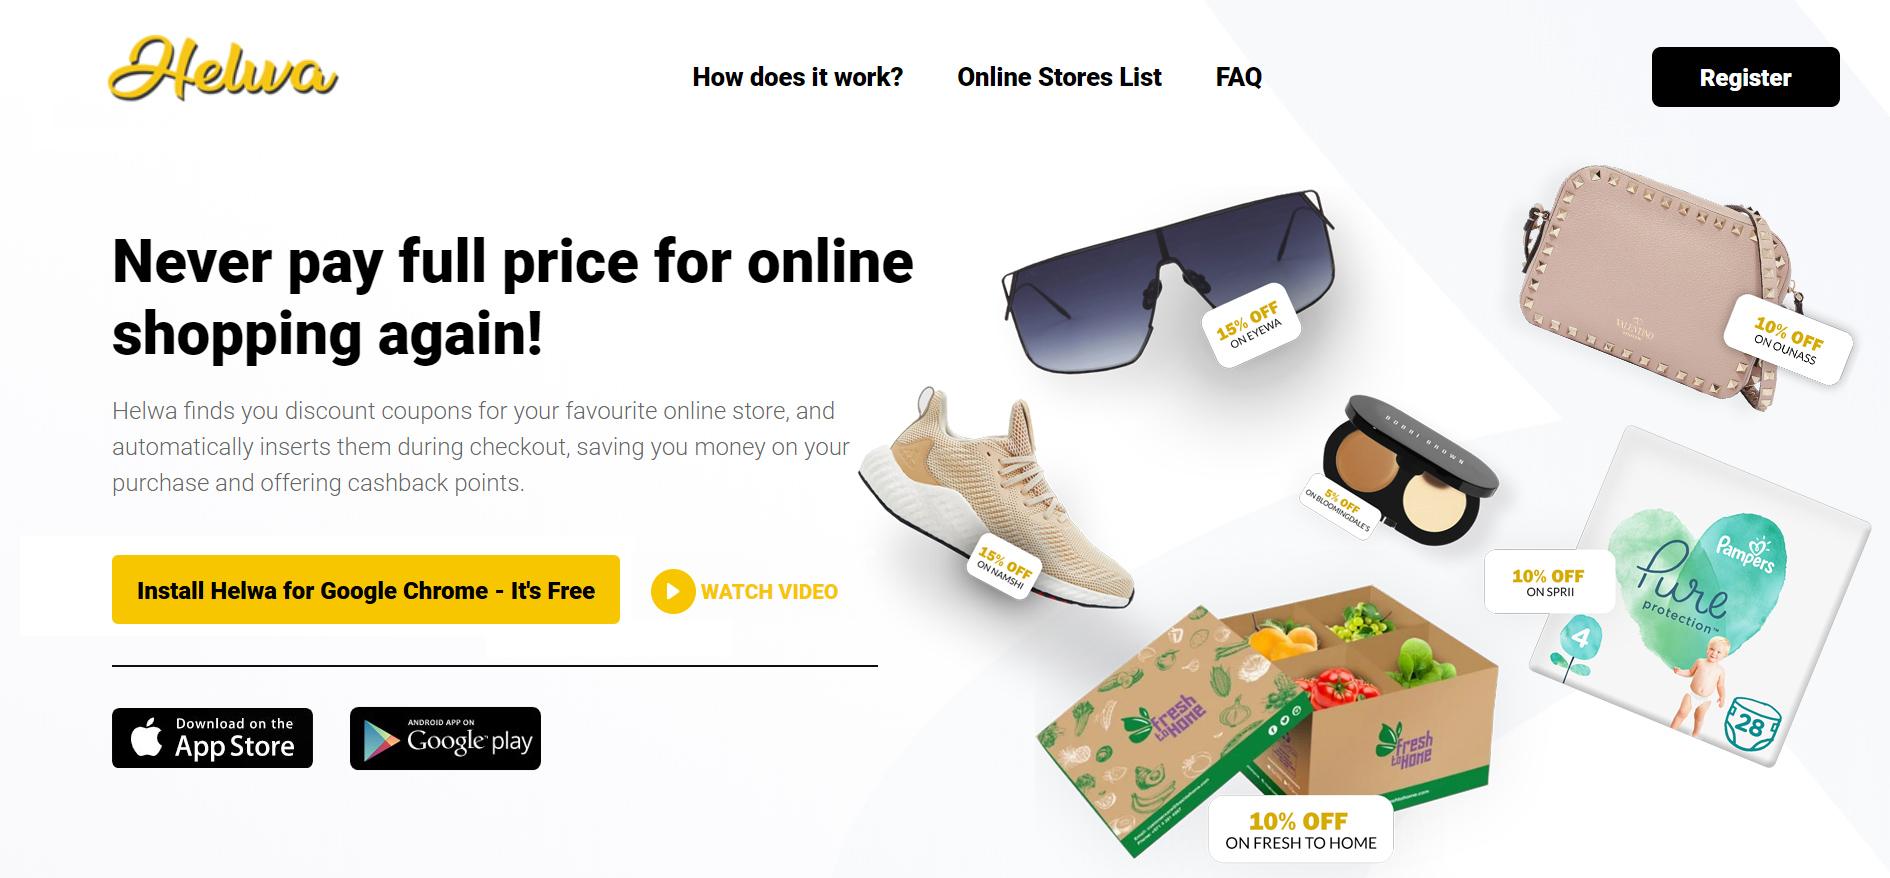 """إطلاق تطبيق """"حلوة"""" لعروض التوفير للمتسوّقين عبر الإنترنت"""